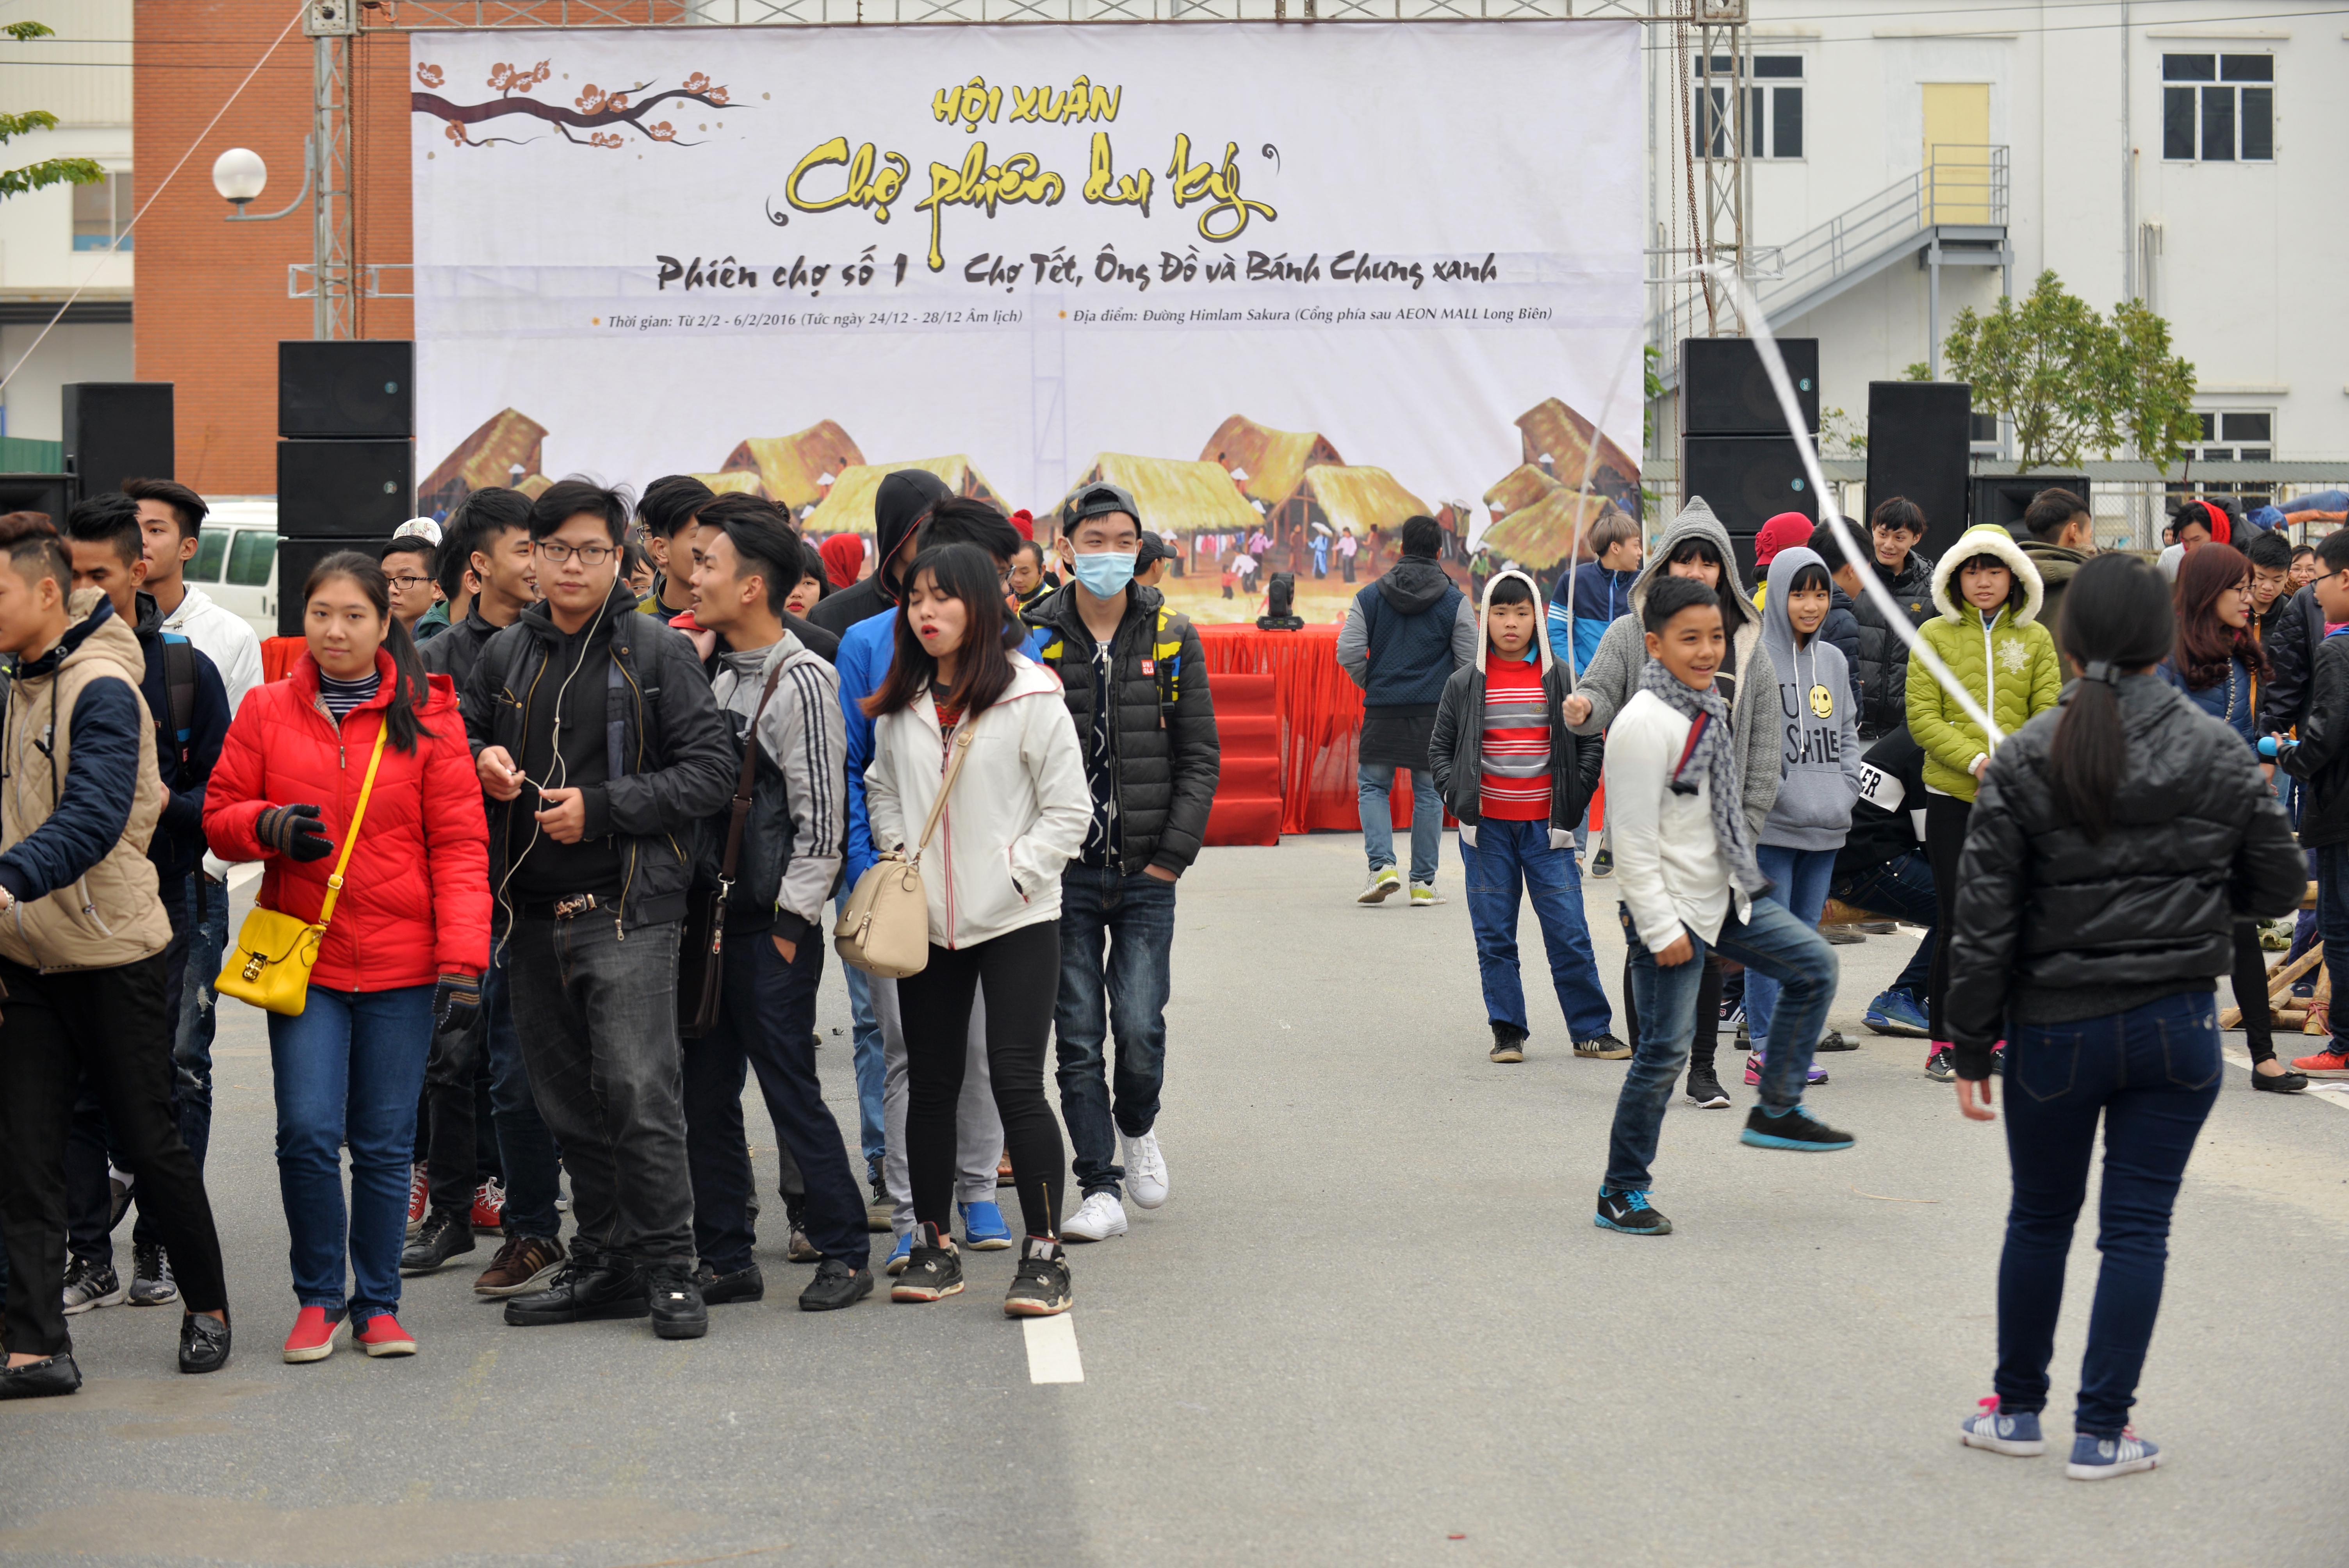 Phiên chợ Tết cổ truyền giữa lòng Thủ đô Hà Nội 1